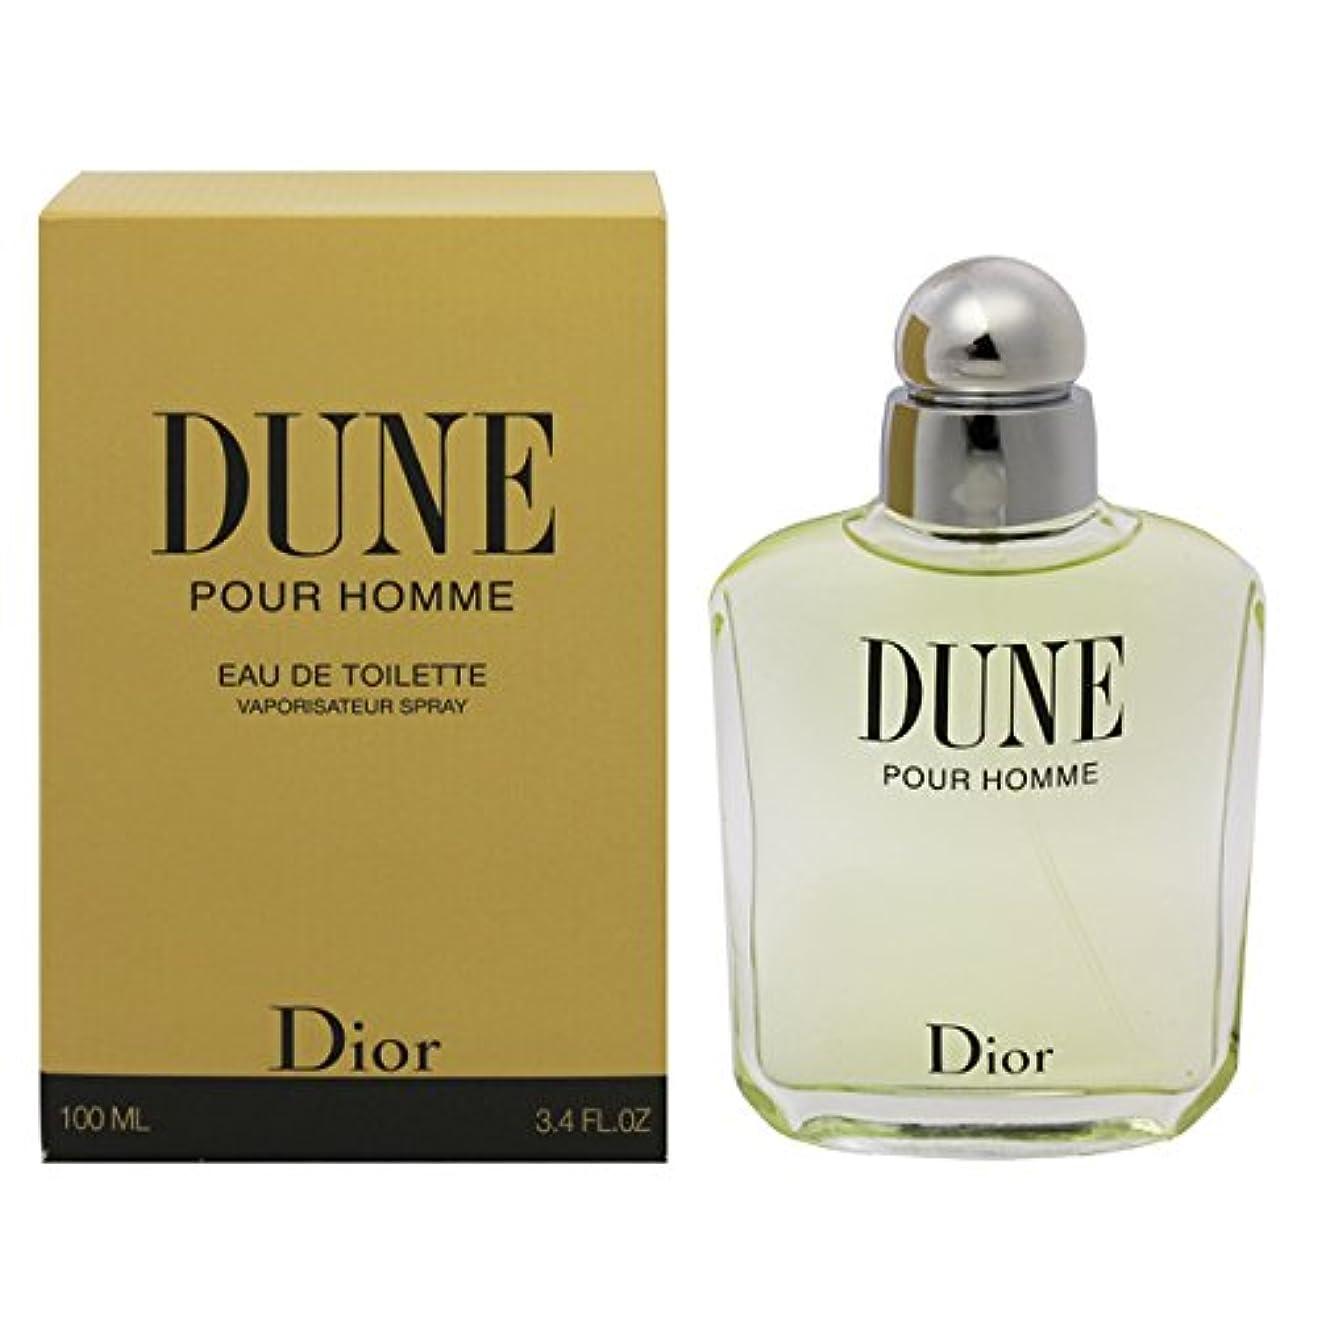 距離脅かす氏クリスチャン ディオール(Christian Dior) デューン プールオム EDT SP 100ml [並行輸入品]